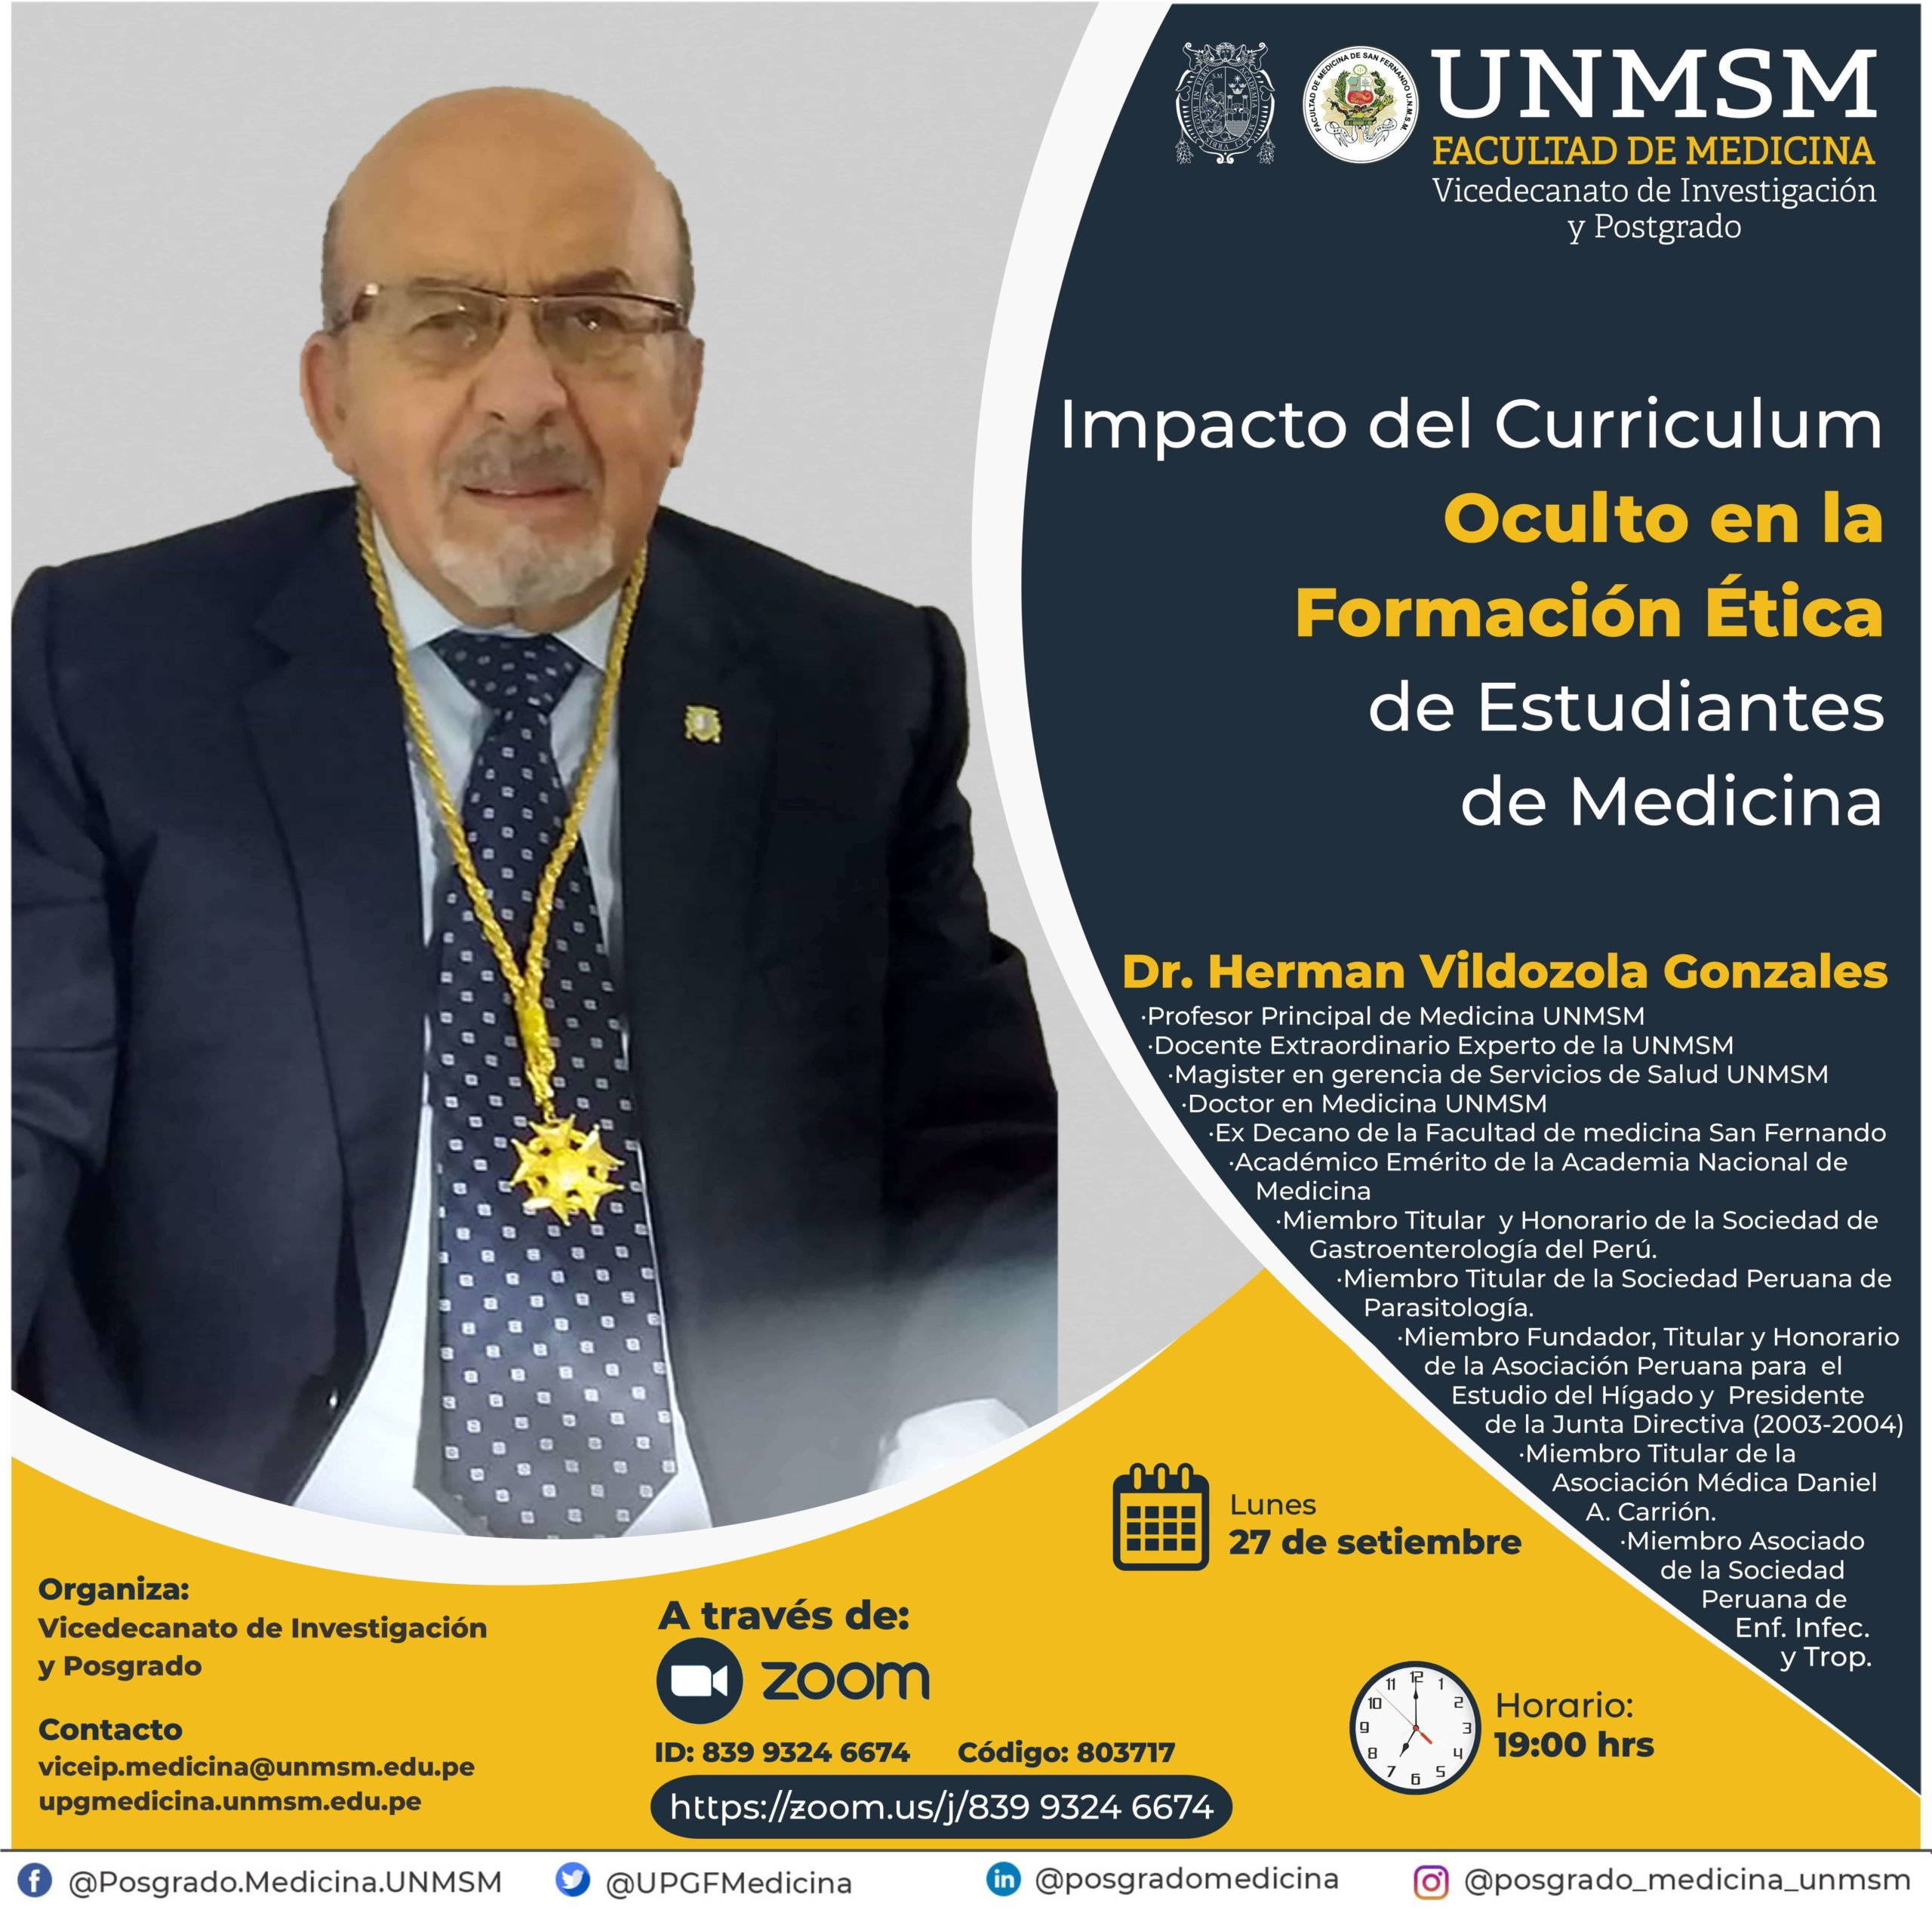 Impacto del Curriculum Oculto en la Formación Ética de Estudiantes de Medicina